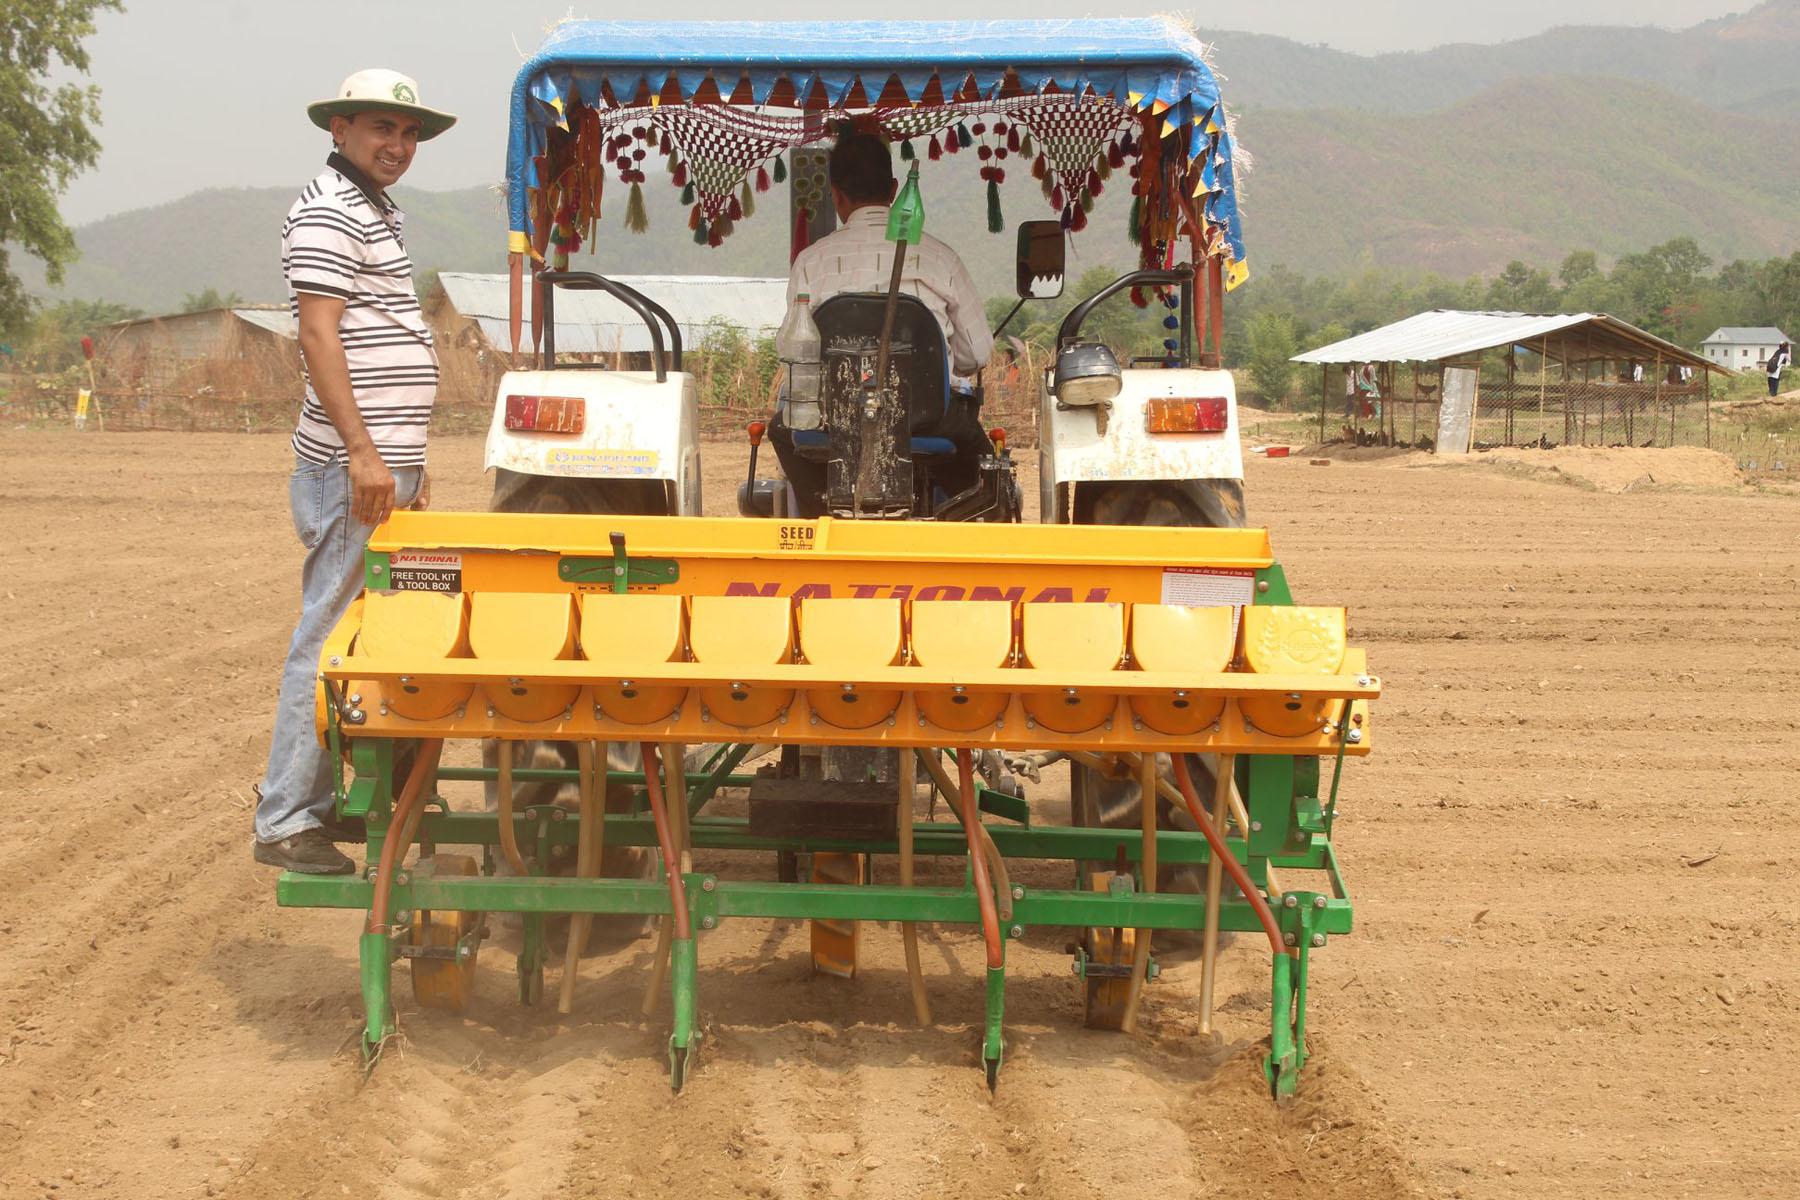 प्रधानमन्त्री कृषि आधुनिकीकरण परियोजना (मकै सुपरजोन) अन्तर्गत दाङको राप्ती गाउँपालिका– ४ मौरीघाटका किसान यन्त्रबाट मकै रोप्दै । तस्बिरः दीपक बोहरा, रासस